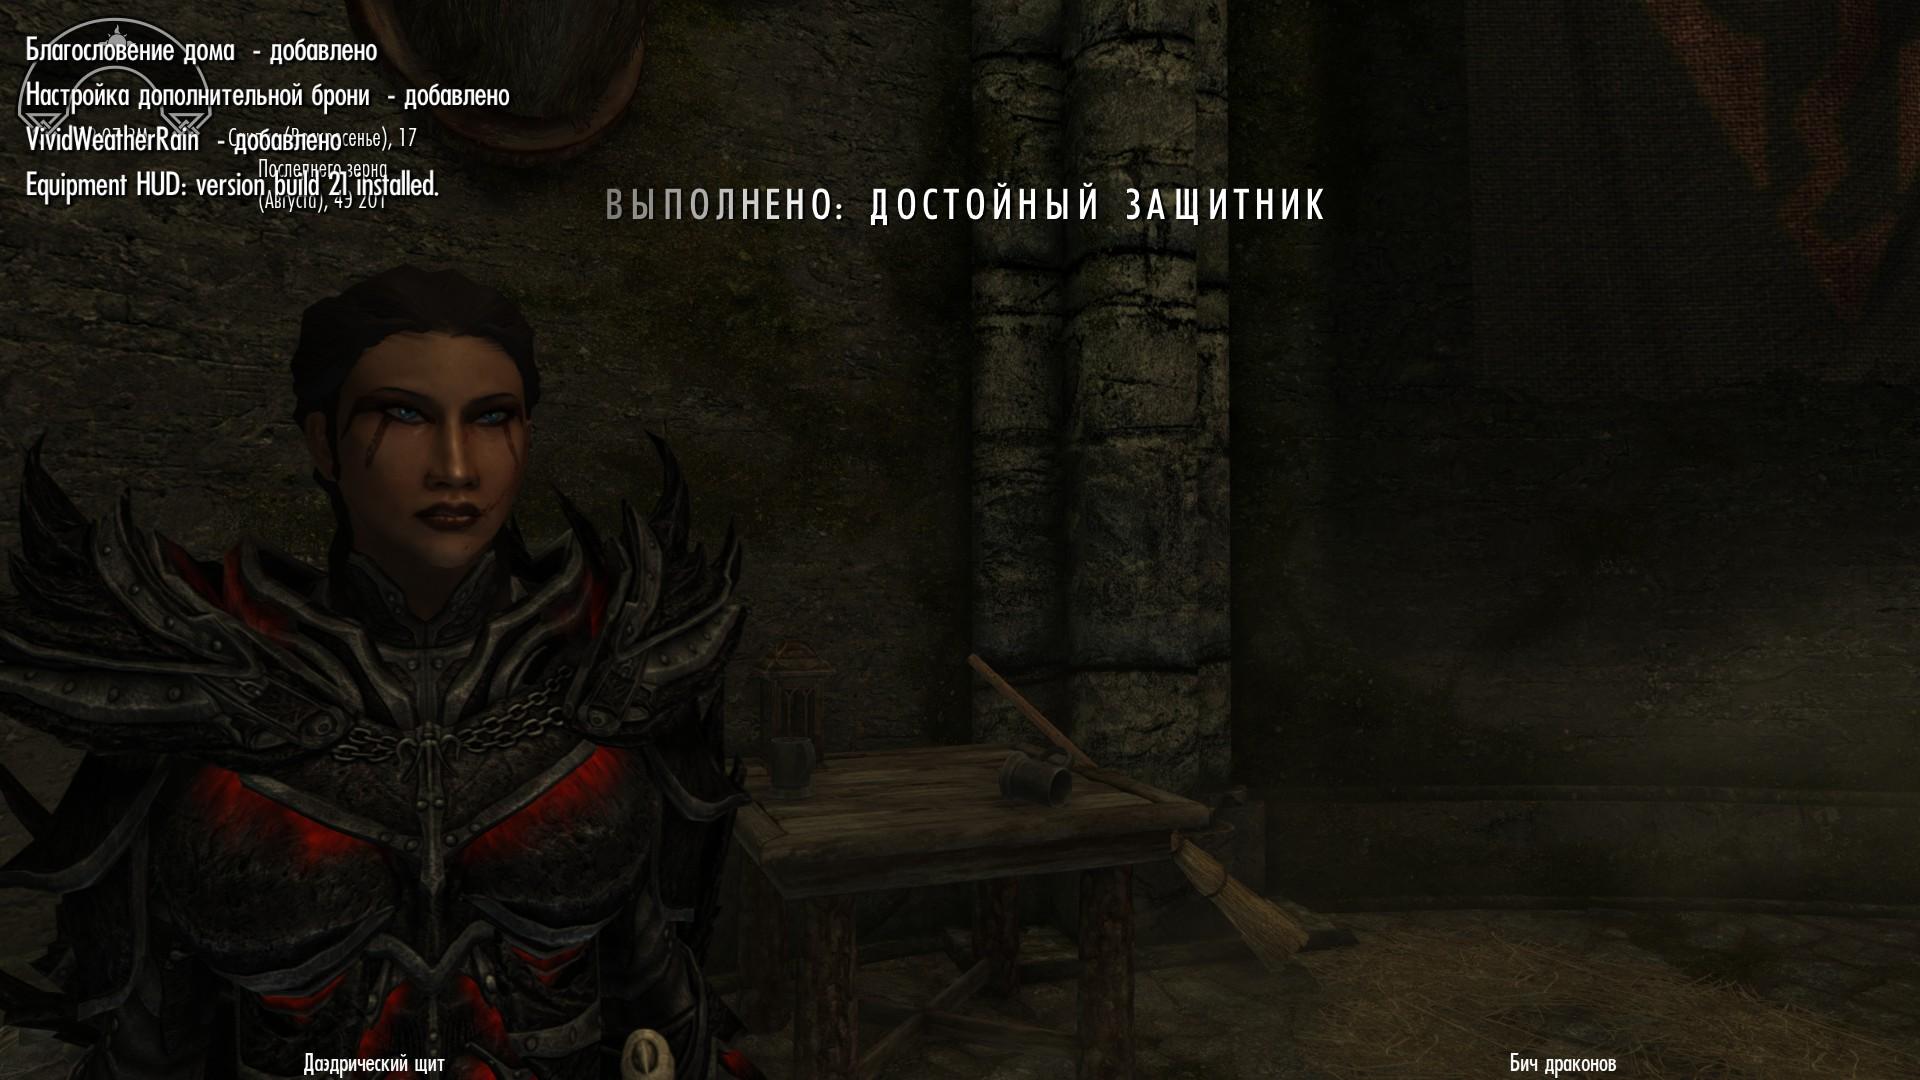 сохраненка с пг,афтор постарался на славуXD - Elder Scrolls 5: Skyrim, the